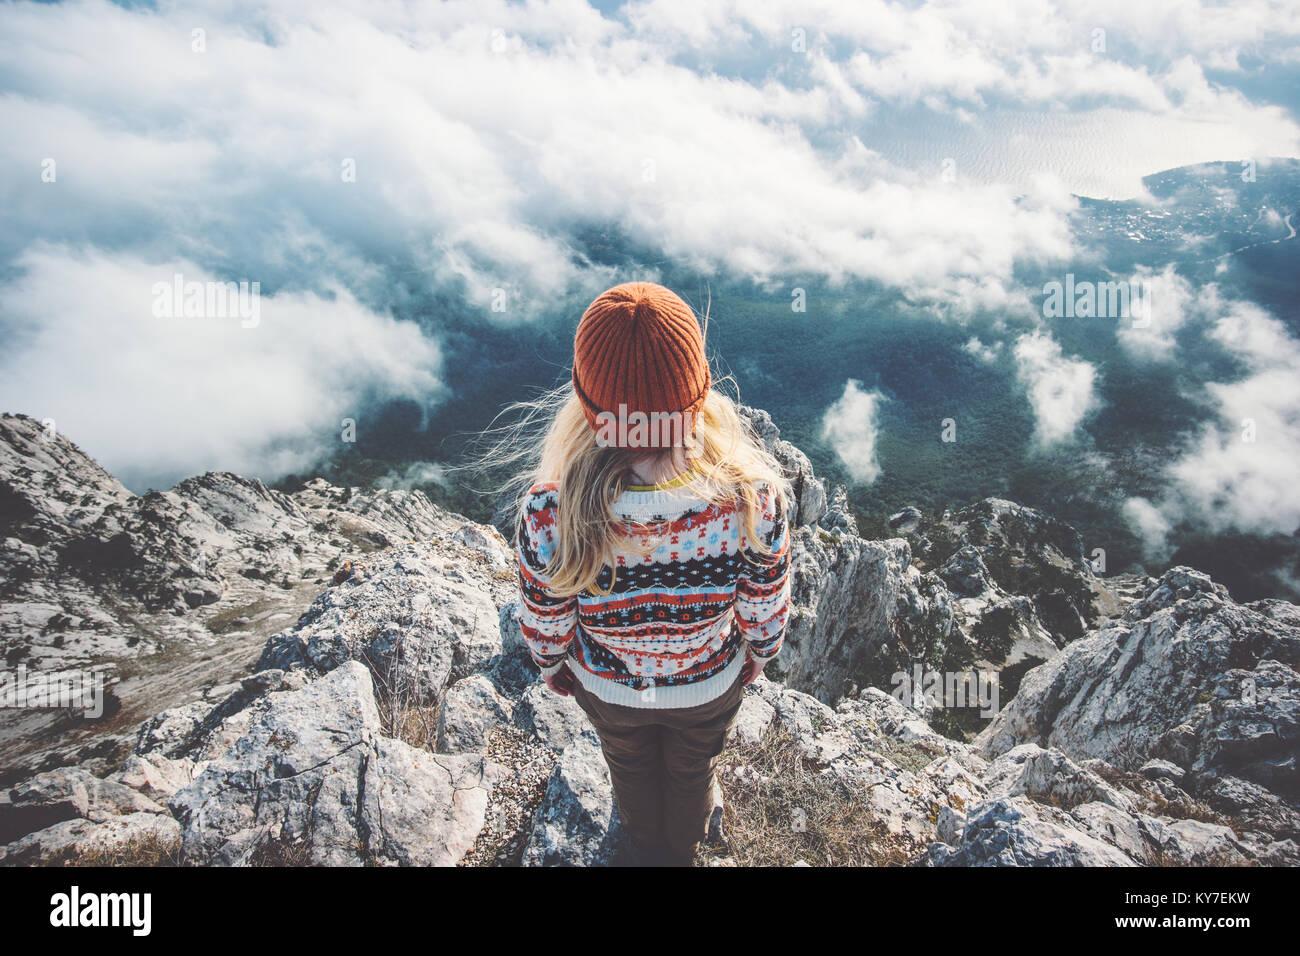 Frau Reisenden auf Gipfel über den Wolken Reisen Lifestyle erfolg konzept Abenteuer aktiv Urlaub im Einklang Stockbild